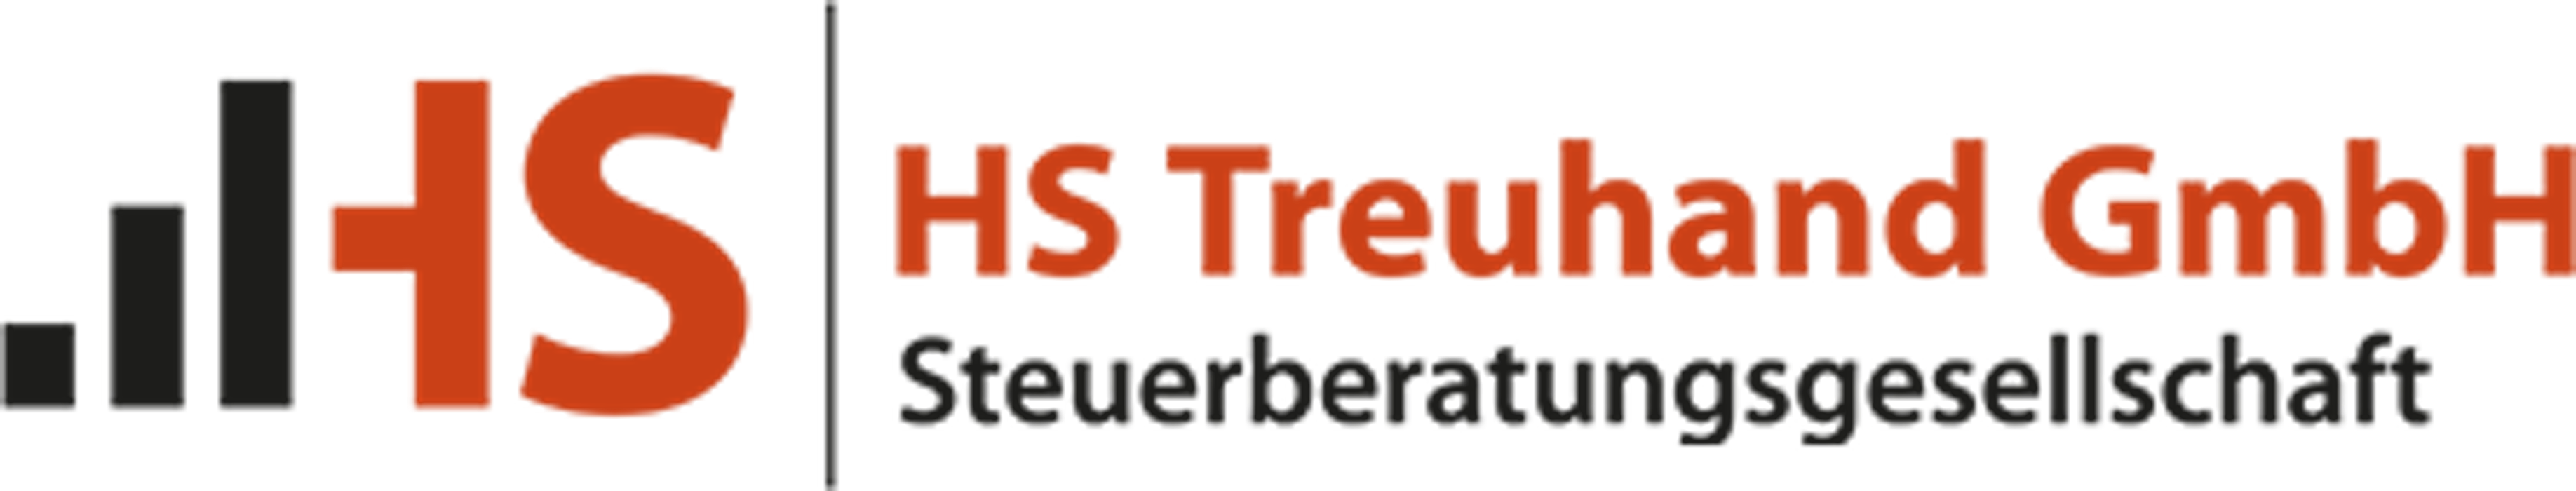 Bild zu HS Treuhand GmbH Steuerberatungsgesellschaft Zweigniederlassung Malsch in Malsch Kreis Karlsruhe